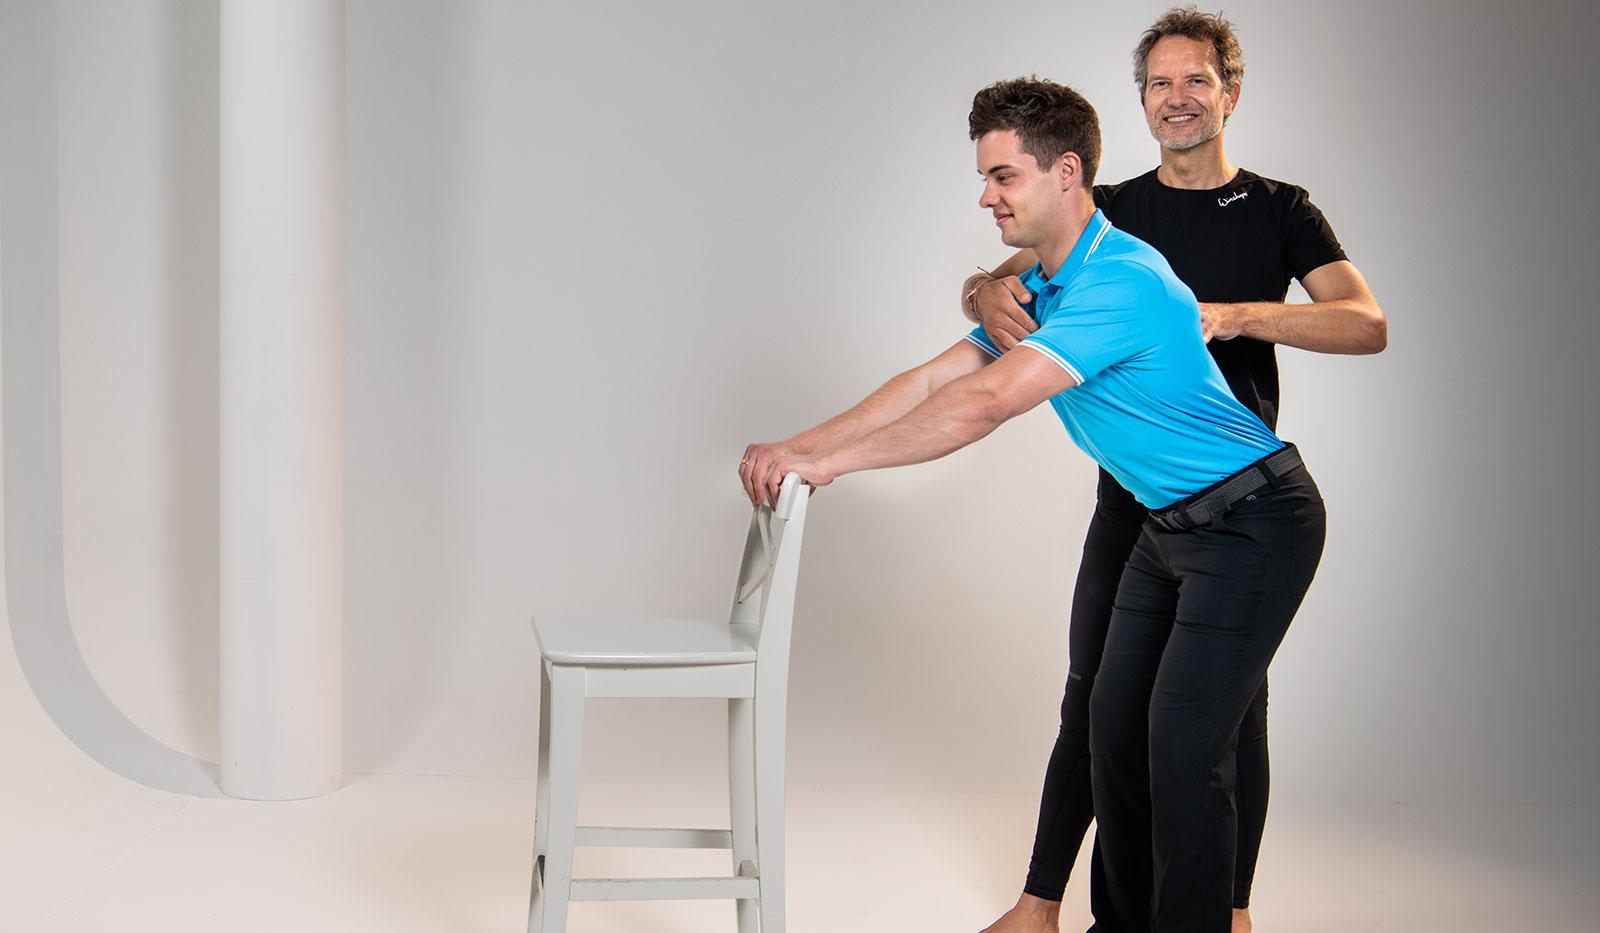 Pilatesübung: Sven Dyhr stützt sich auf Stuhllehne und Christian Lutz stabilisiert ihn